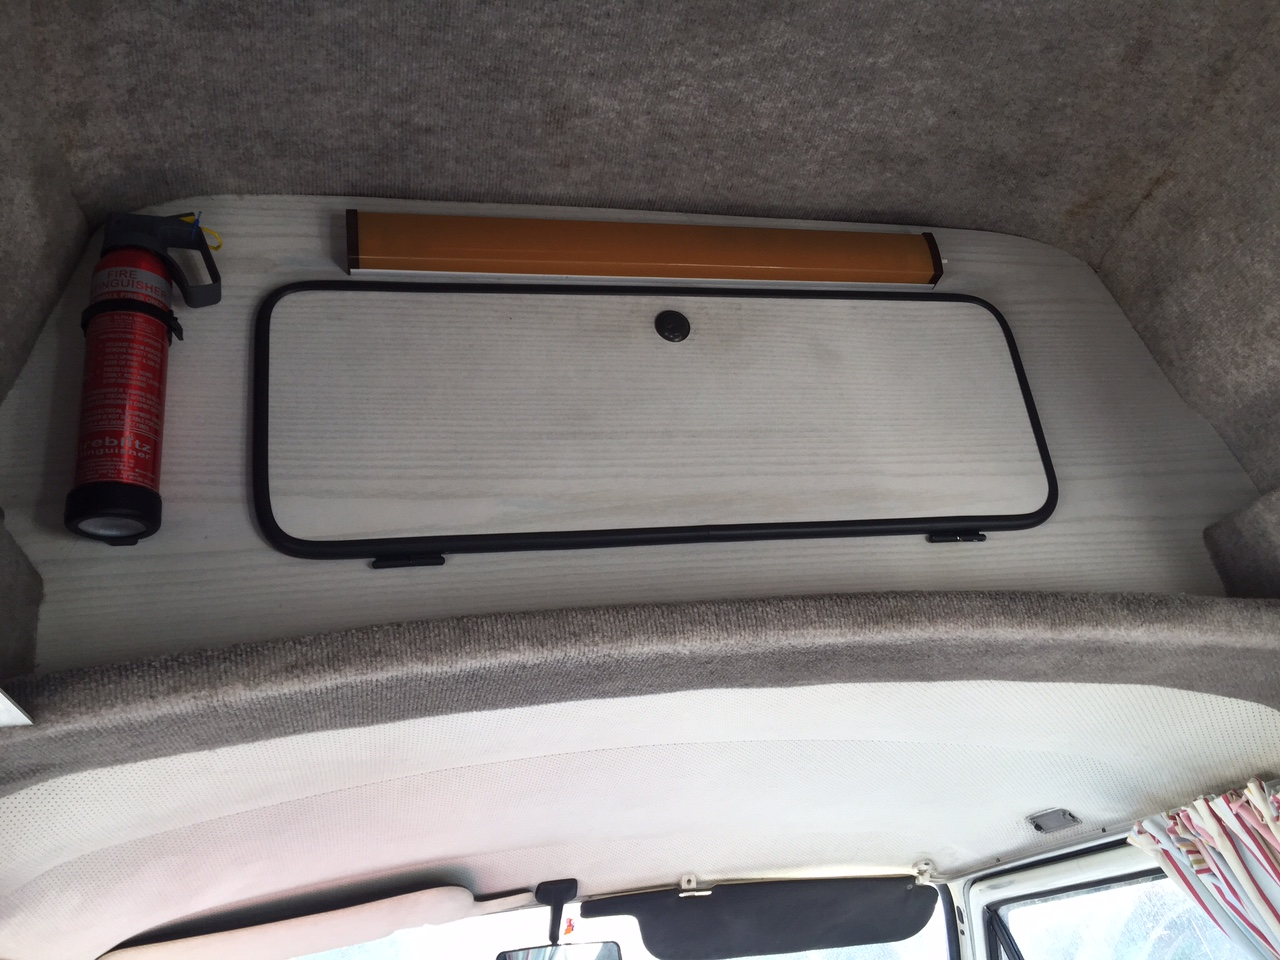 VW T25 Camper Van Storage